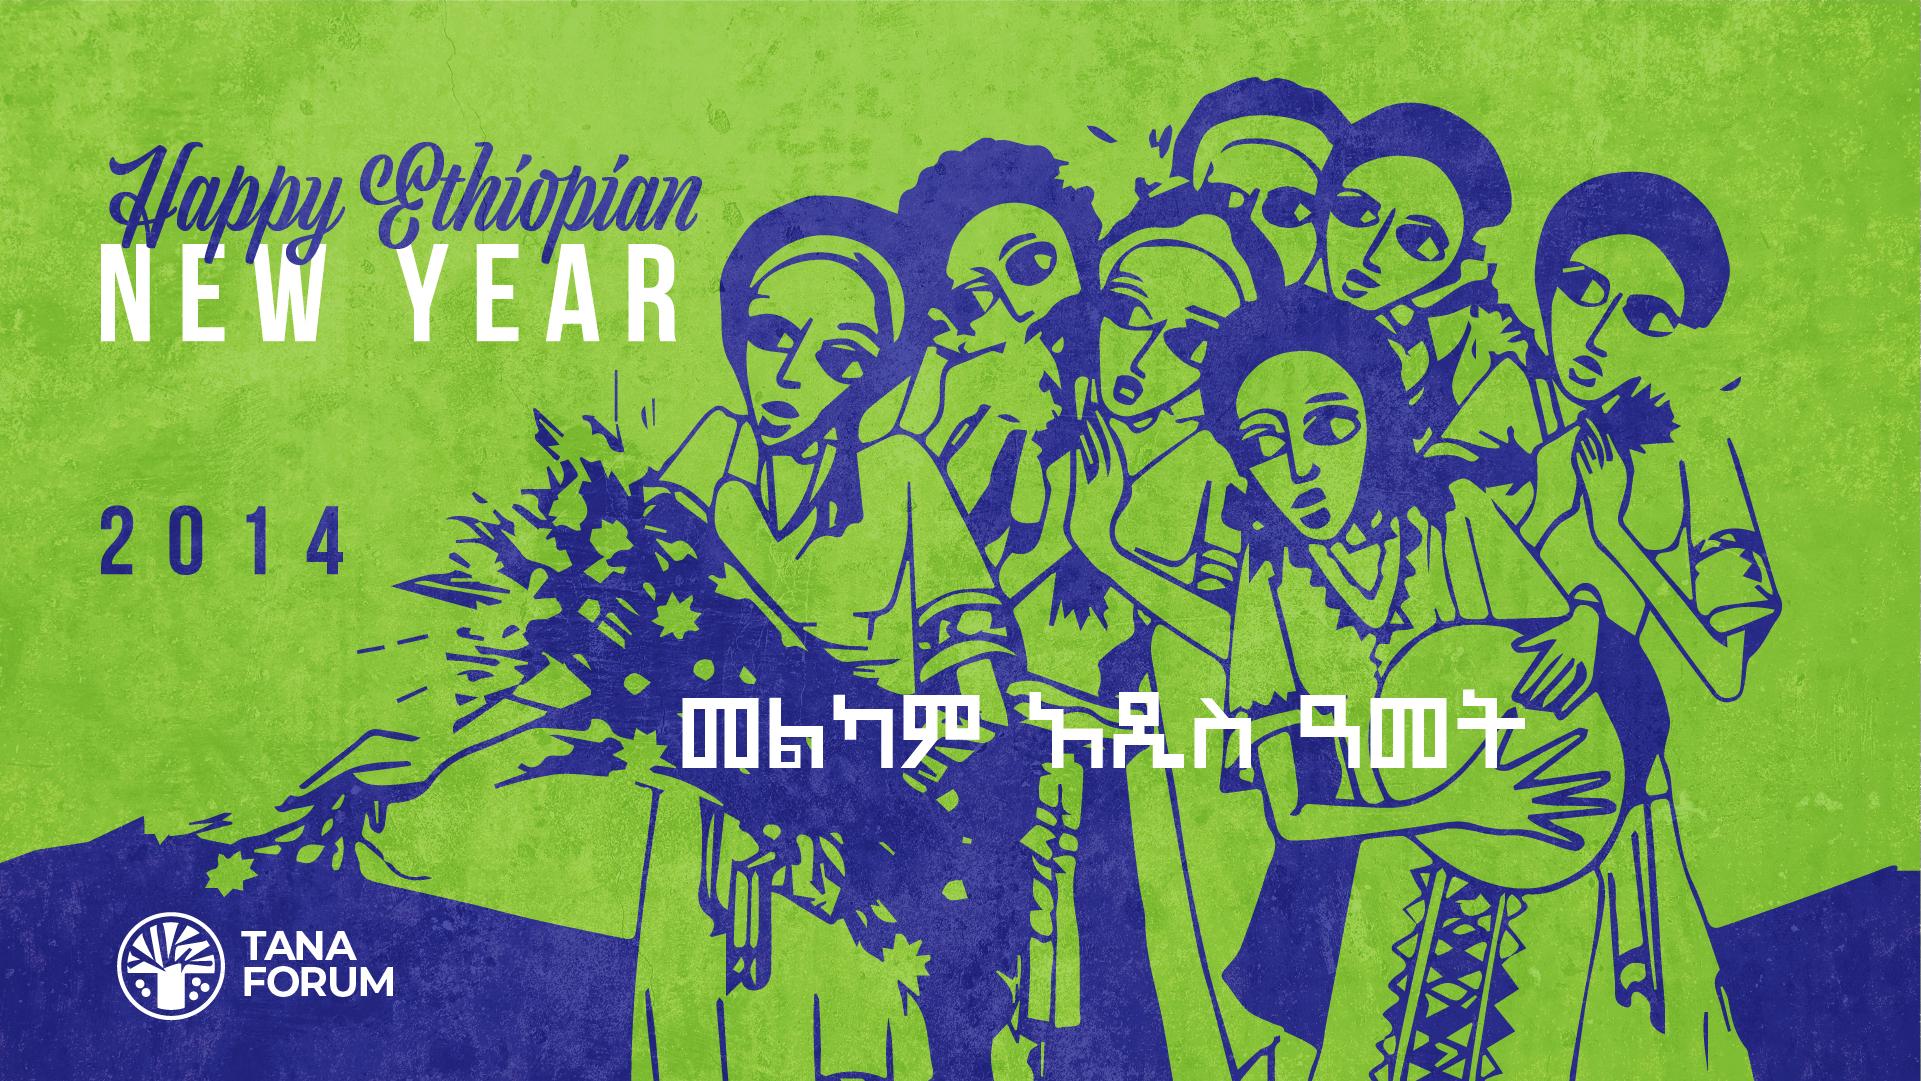 Happy Ethiopian New Year